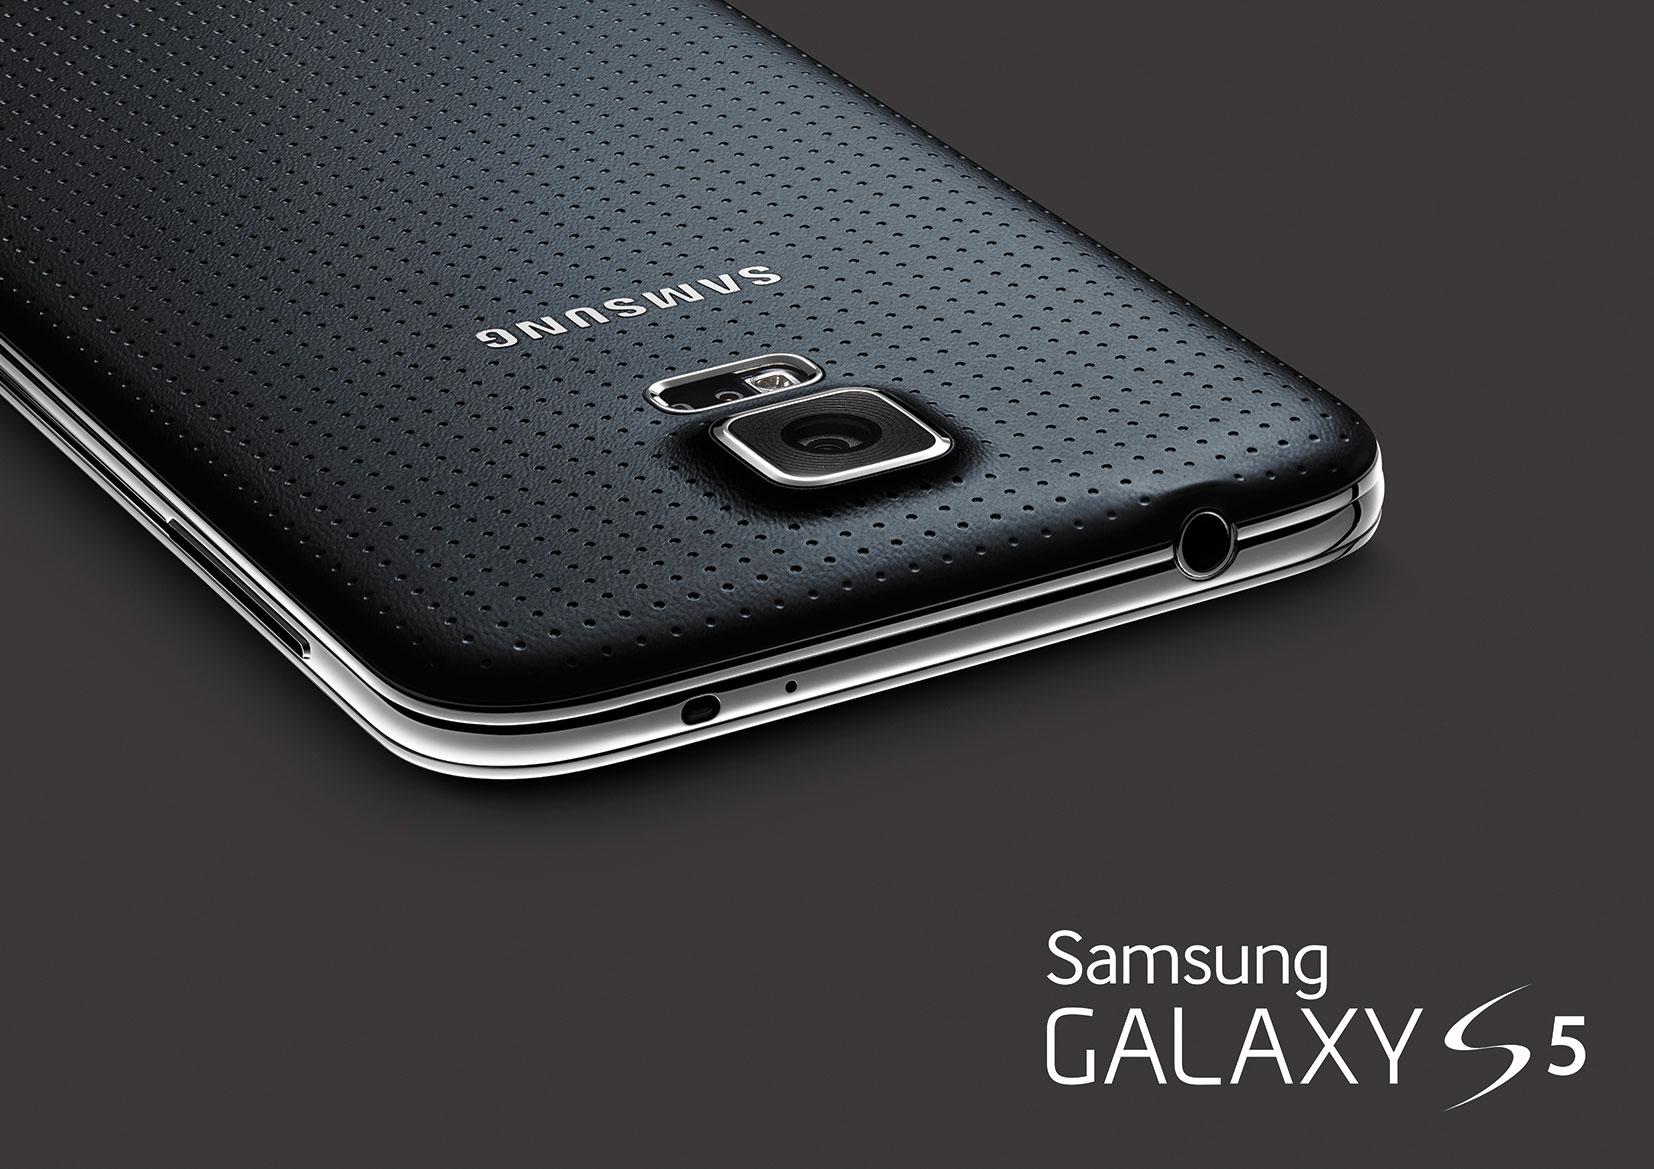 Մեկ ամսվա ընթացքում վաճառվել է 11 միլիոն Galaxy S5